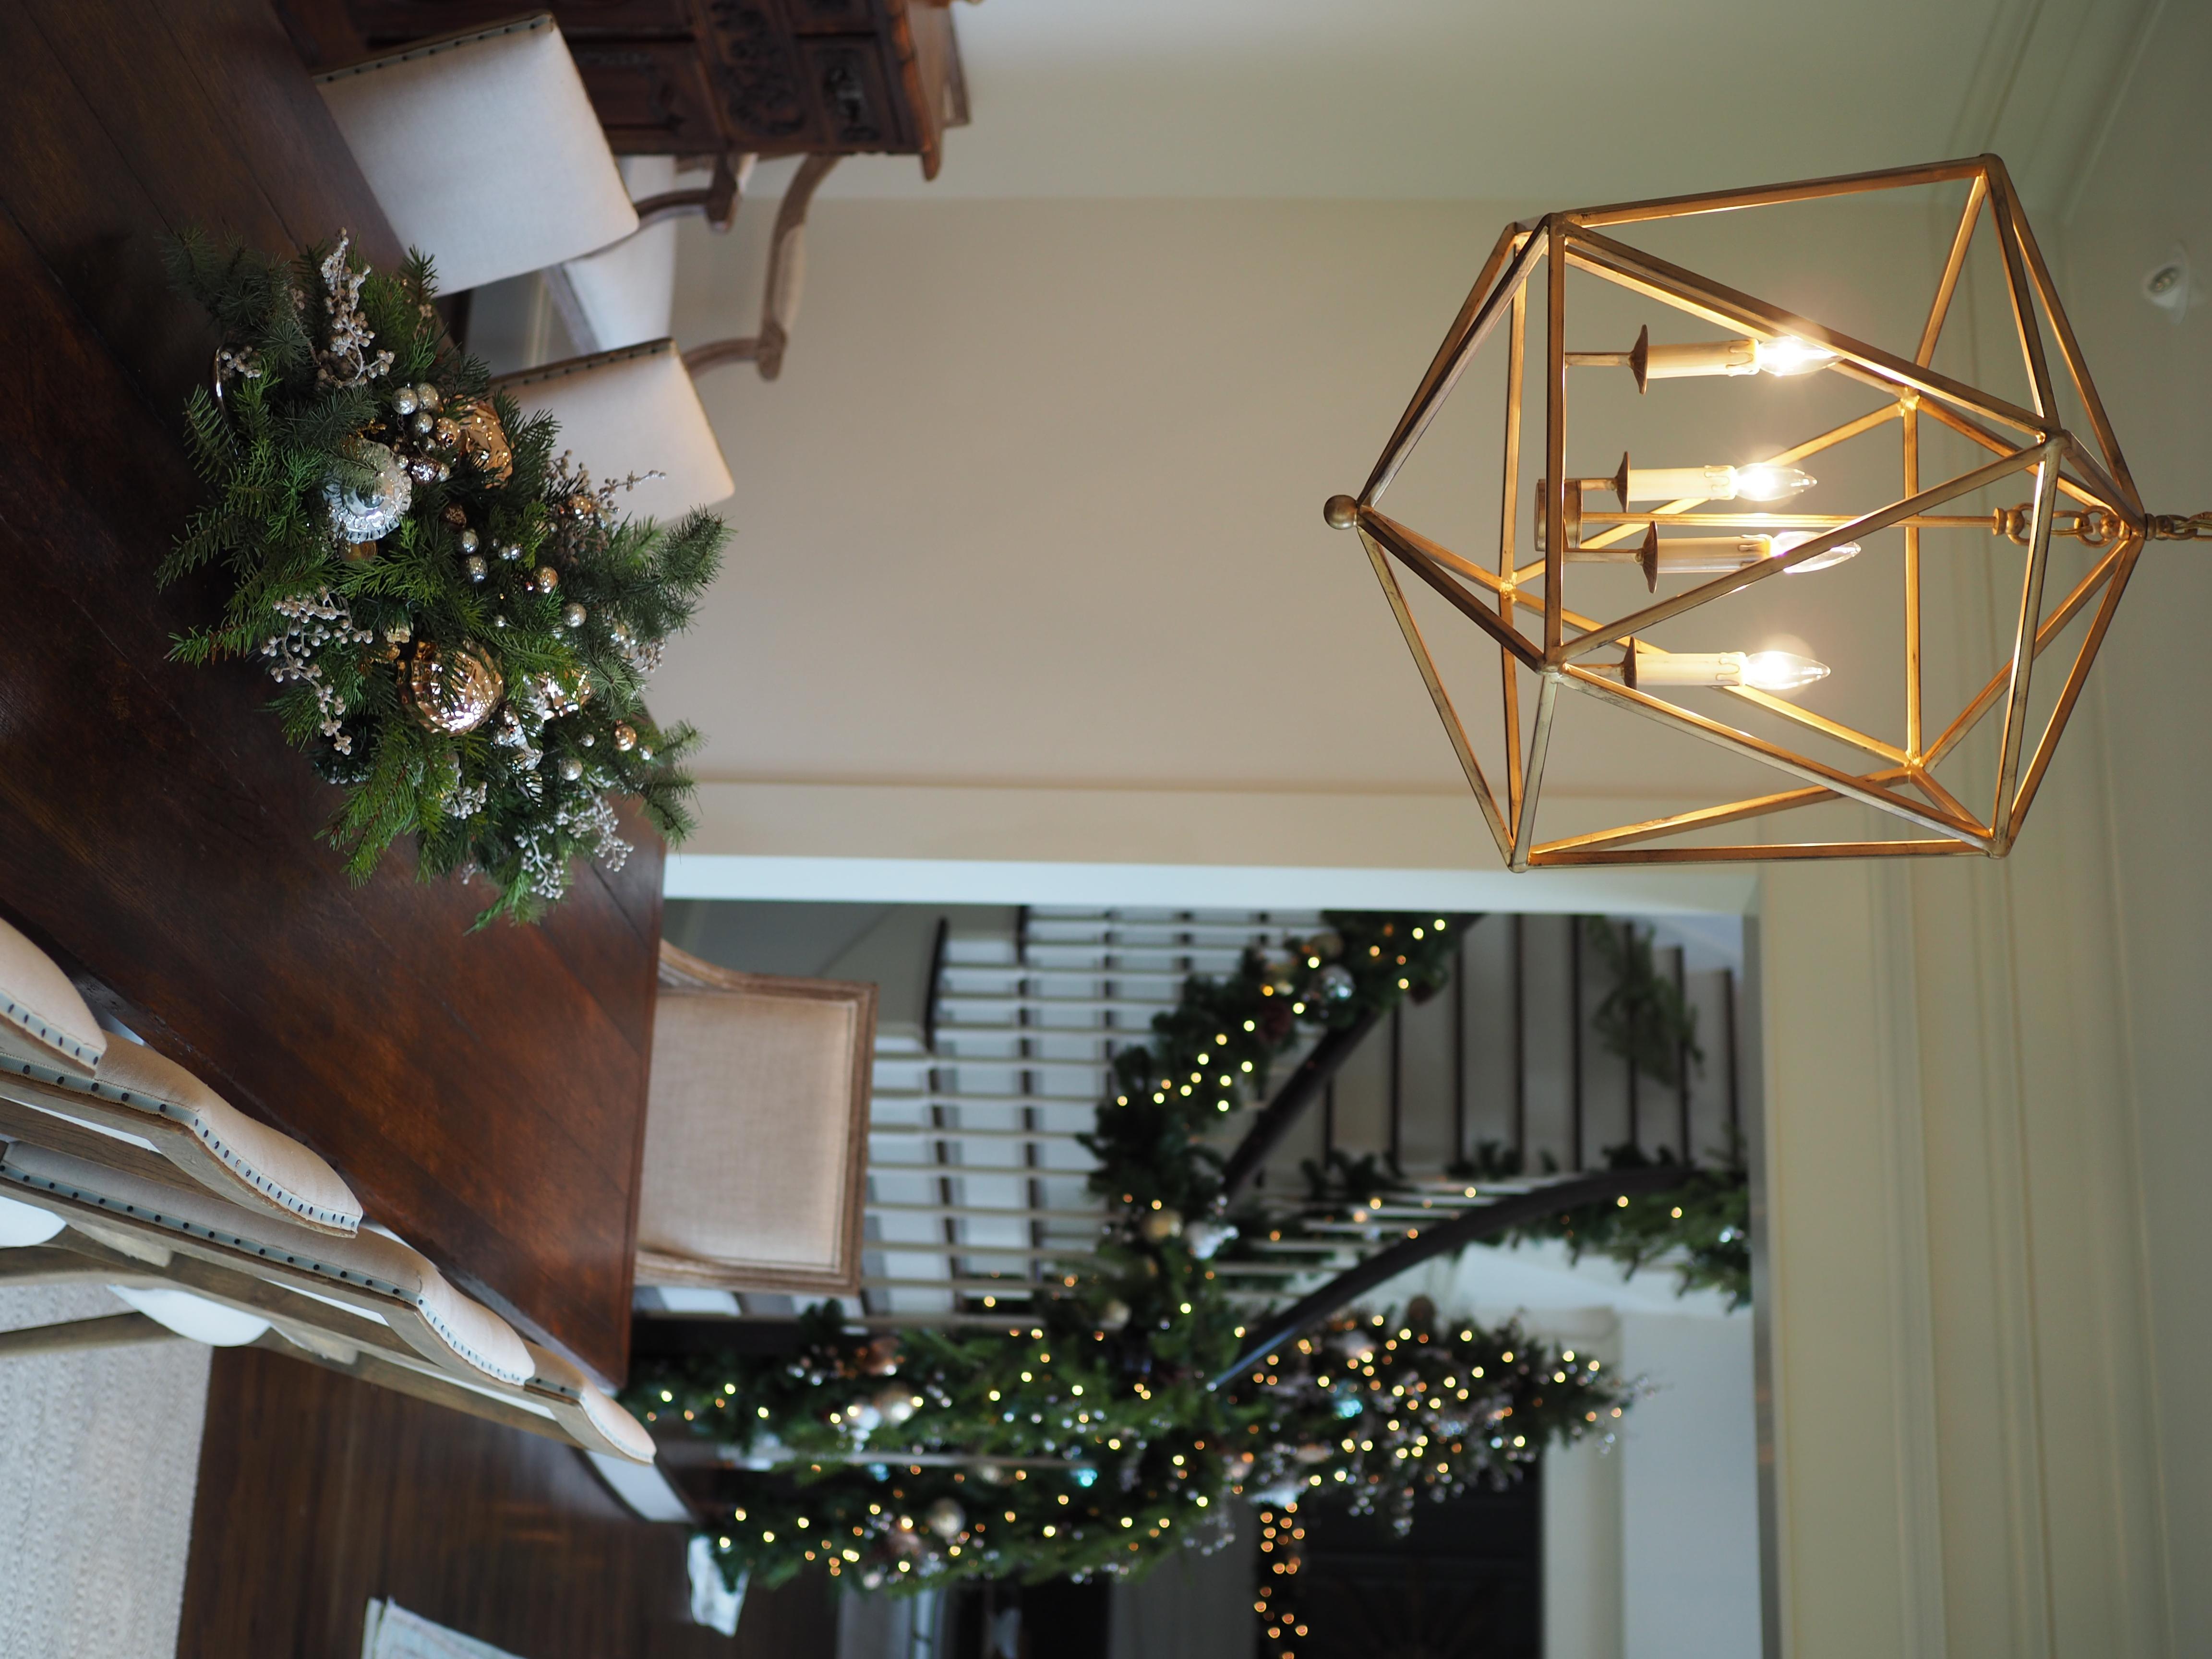 Centerpiece and Stairway Garland